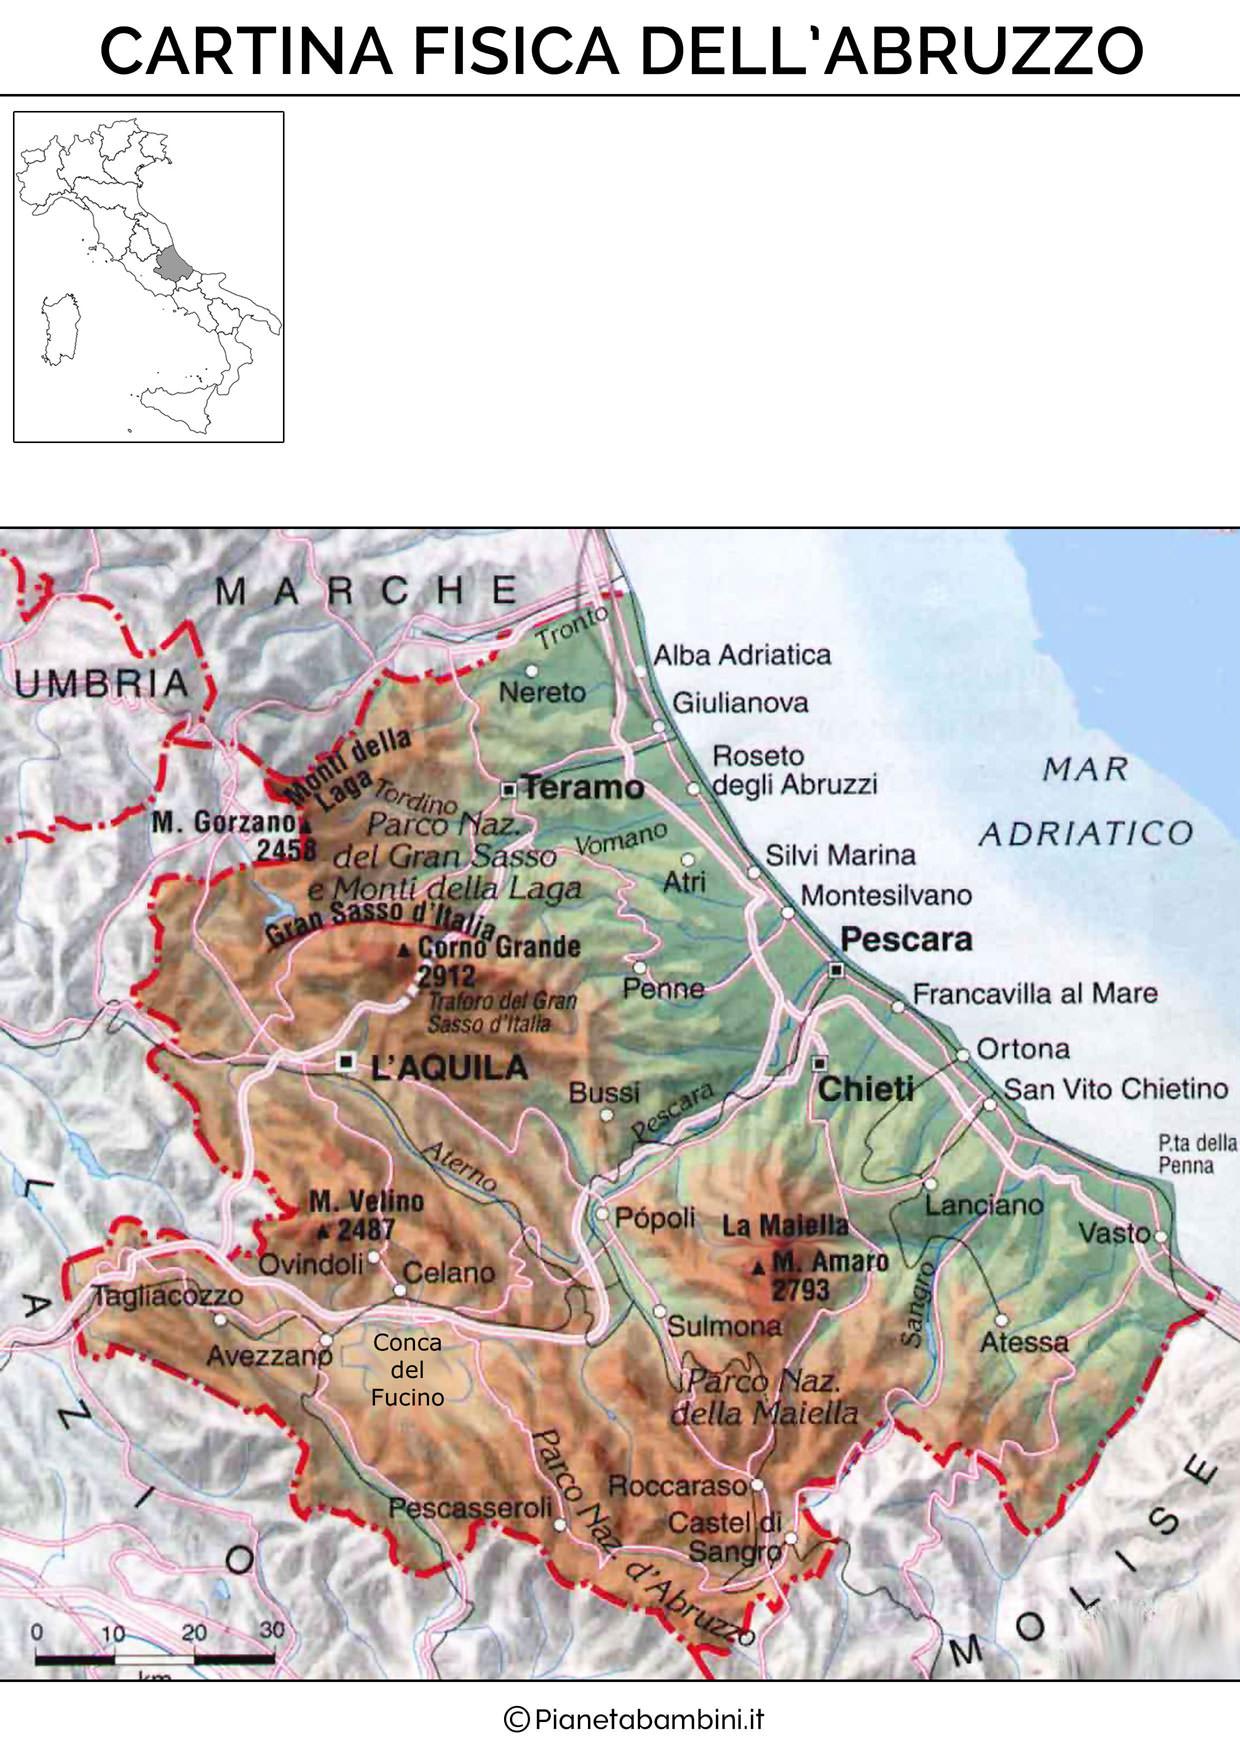 Cartina fisica dell'Abruzzo da stampare gratis